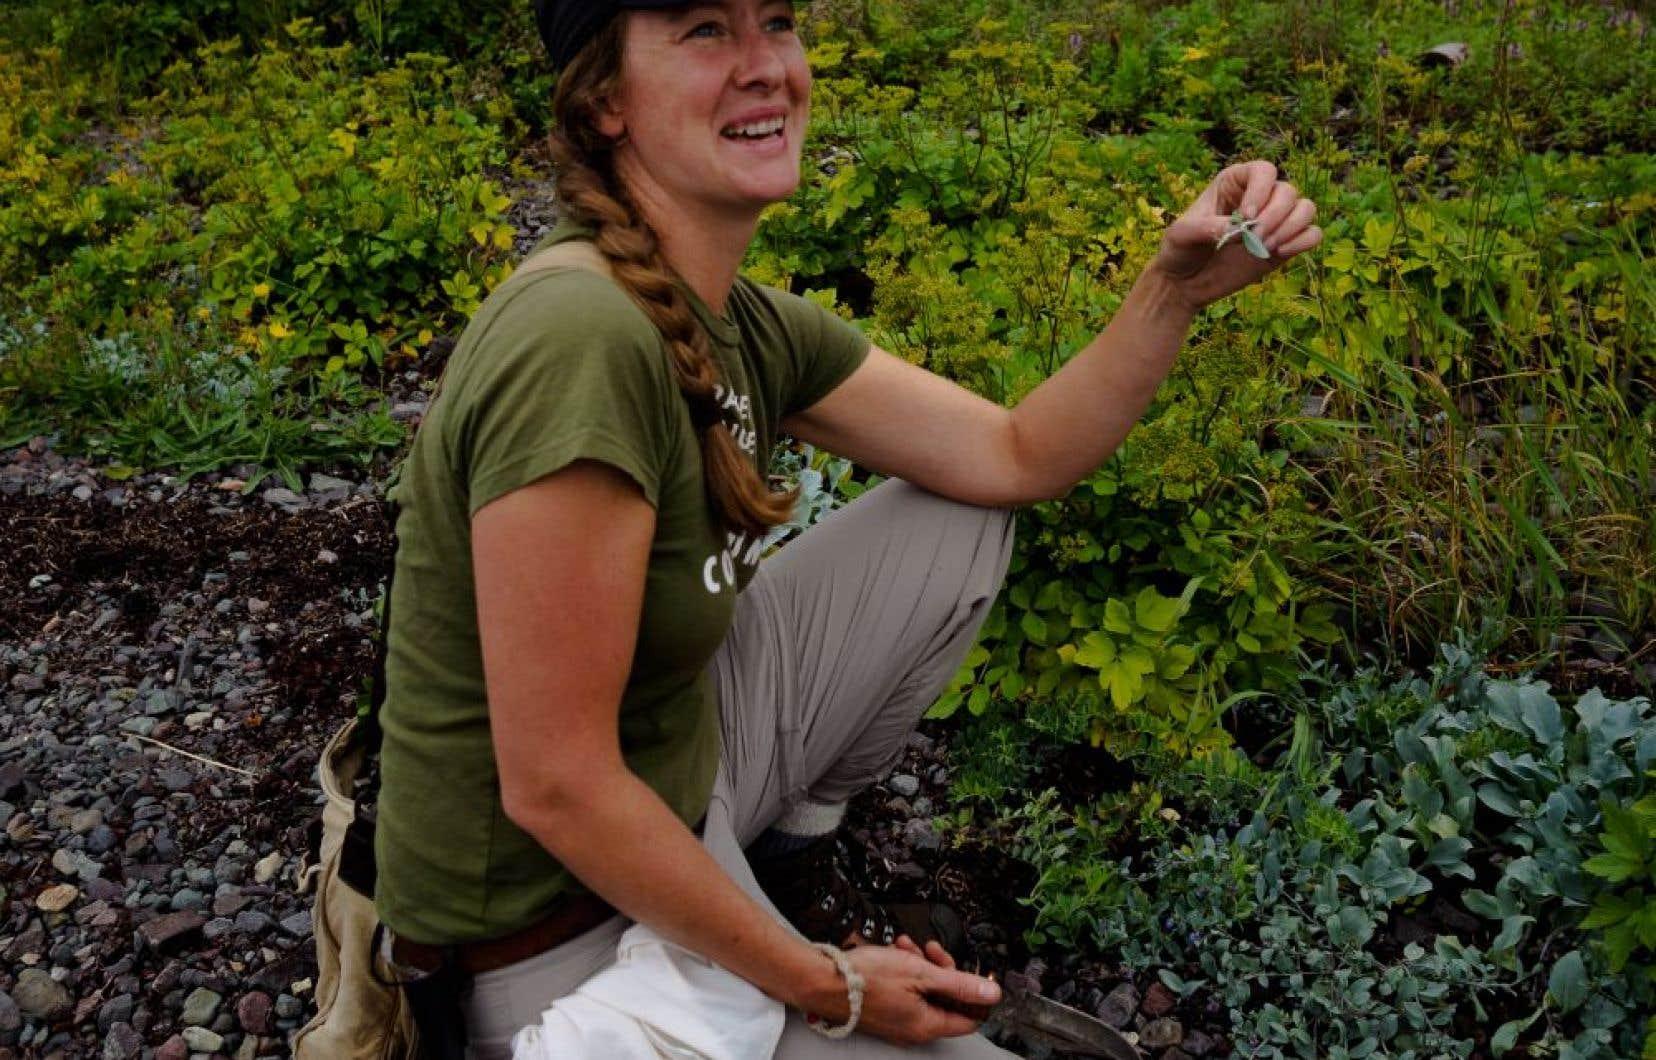 Lori McCarthy a créé son entreprise Cod Sounds, afin de partager le savoir-faire traditionnel que lui ont transmis ses parents, la cuisine par sa mère et la chasse et la pêche par son père